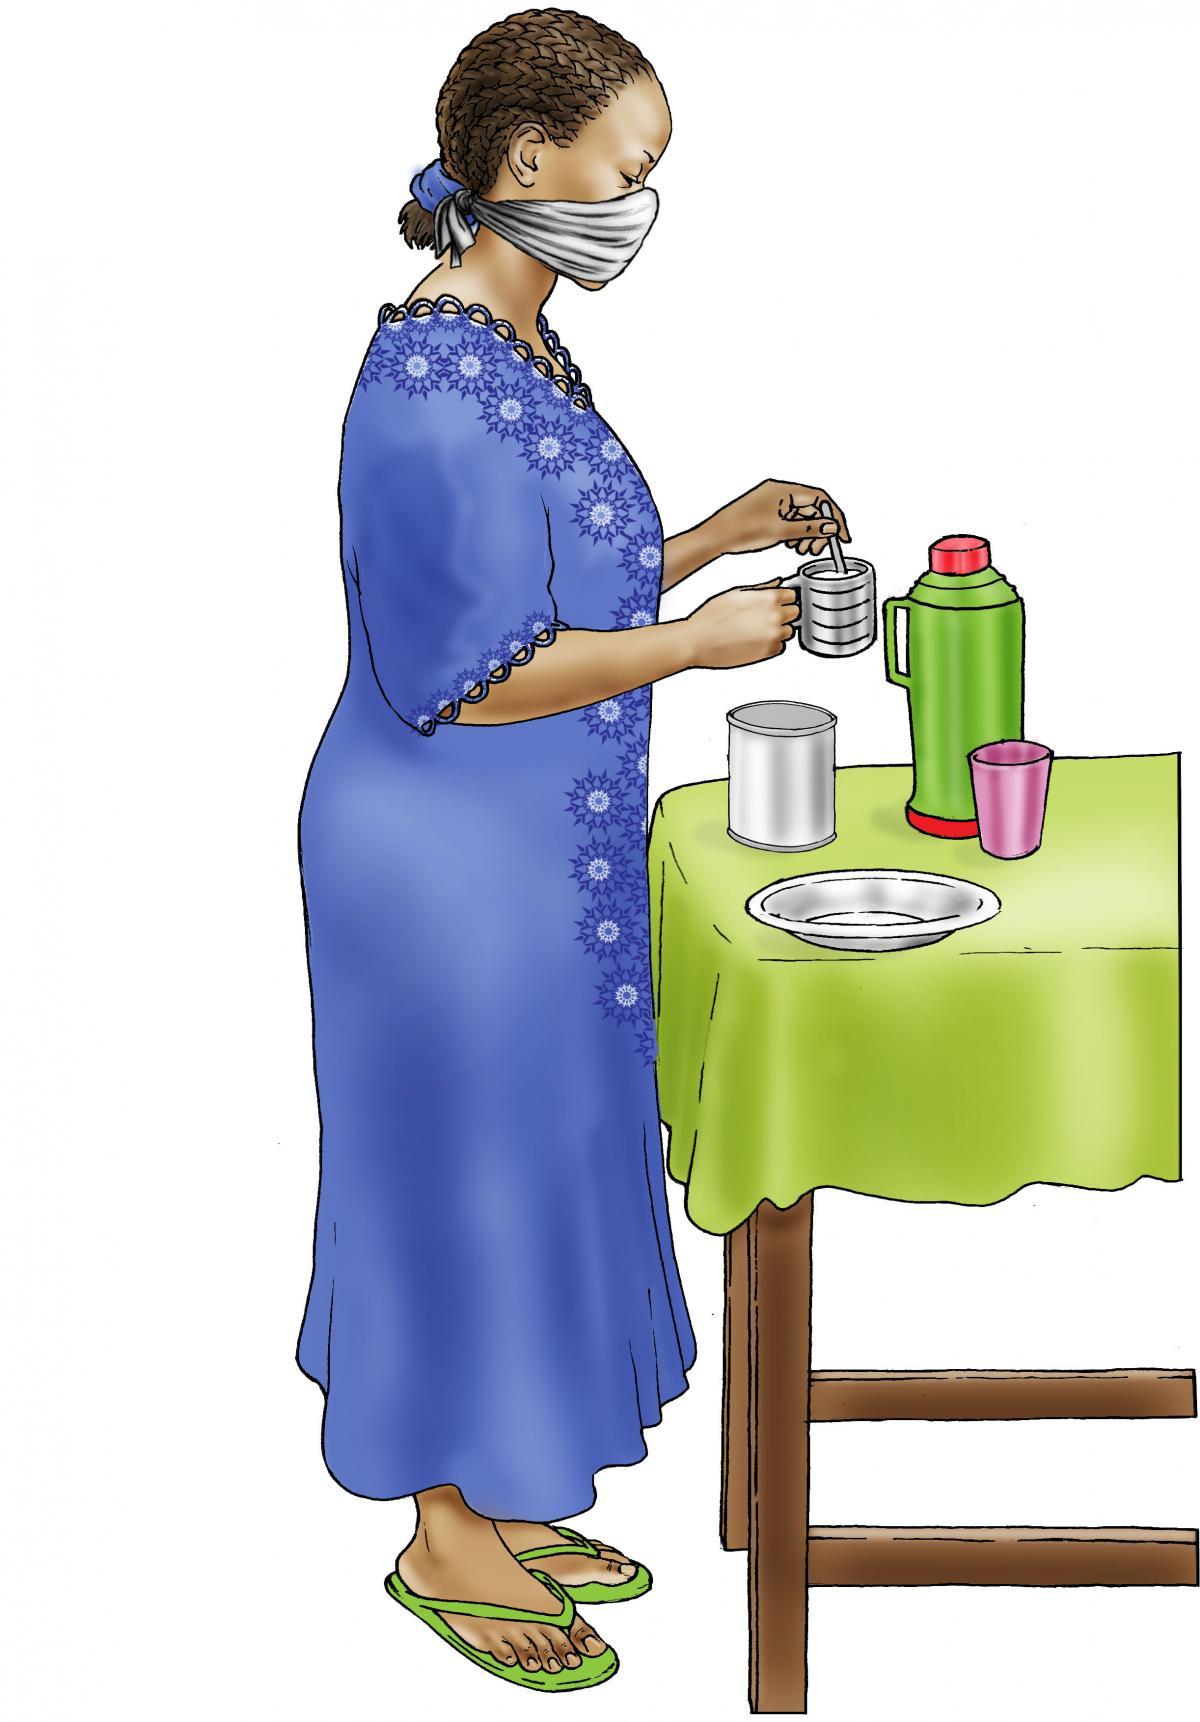 Cup Feeding - Preparing infant formula - 04 - COVID